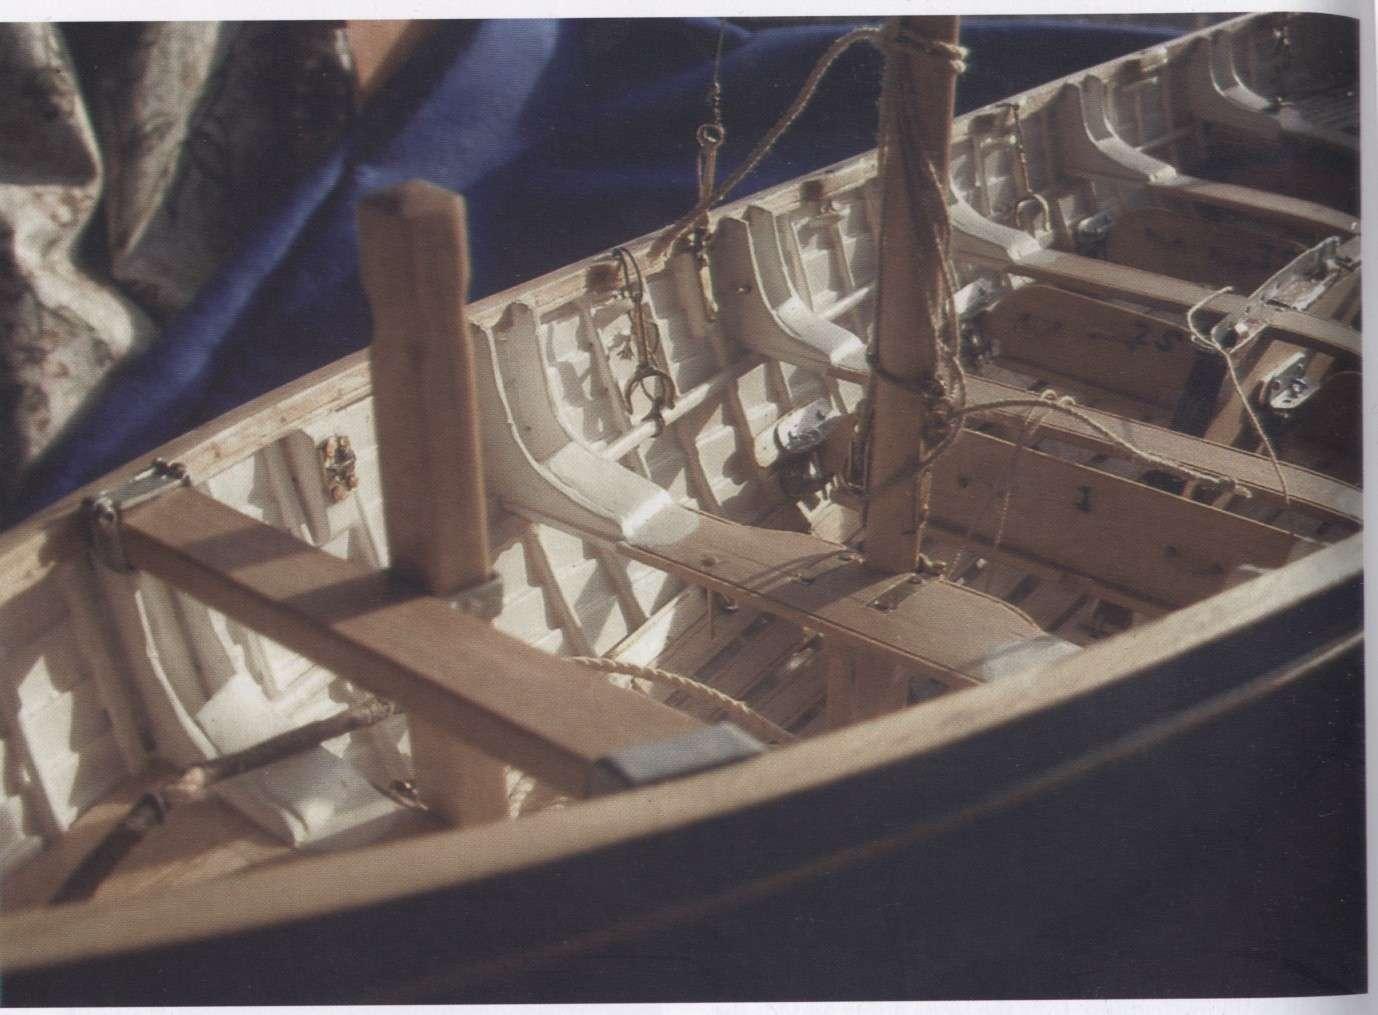 Baleniera di New Bredford  - Pagina 4 Imm_210